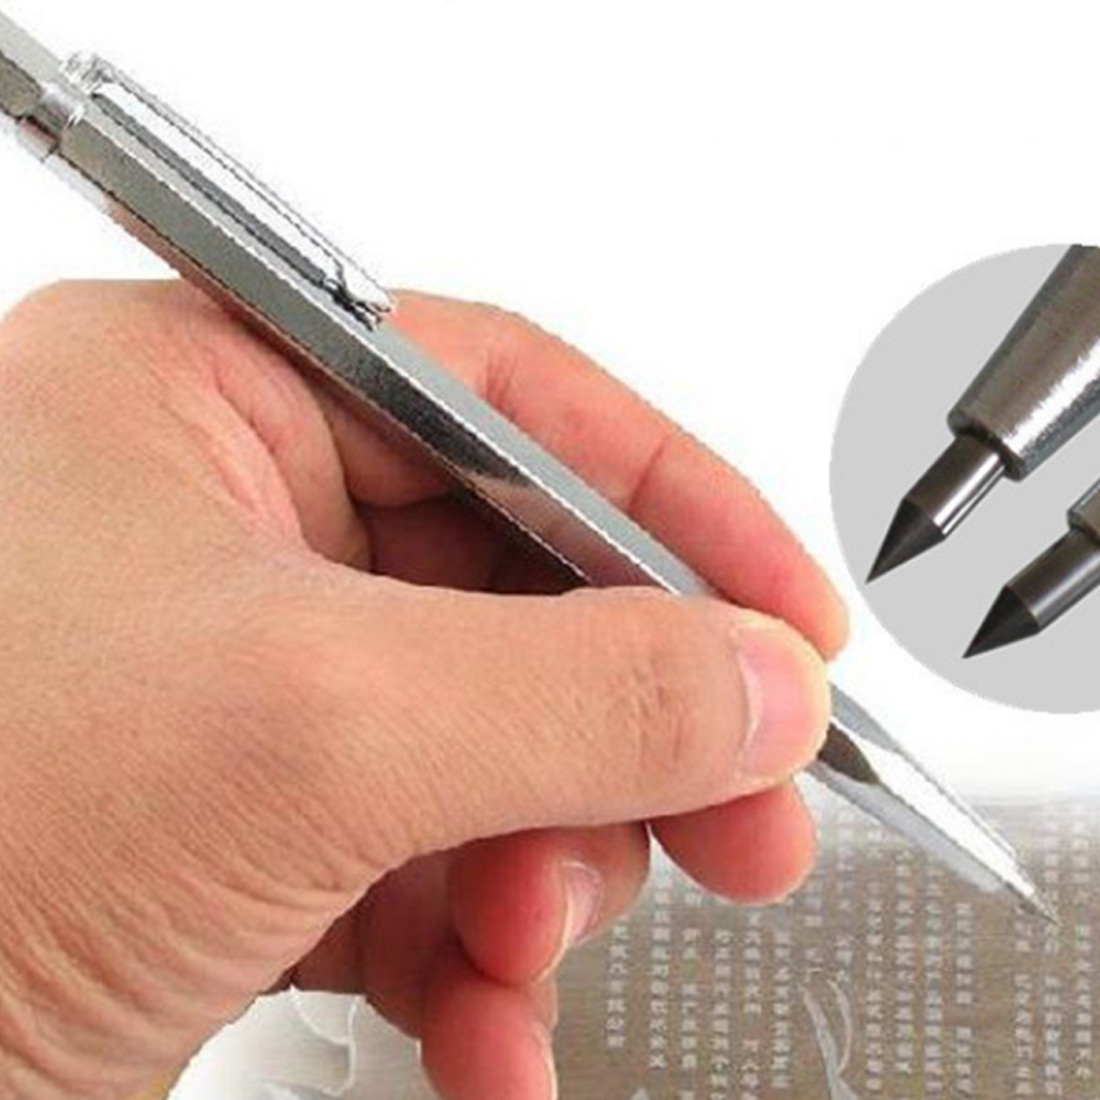 텅스텐 강철 팁 스크 라이버 마킹 에칭 펜 도자기 유리 마킹 도구 실리콘 석영 쉘 금속 도구